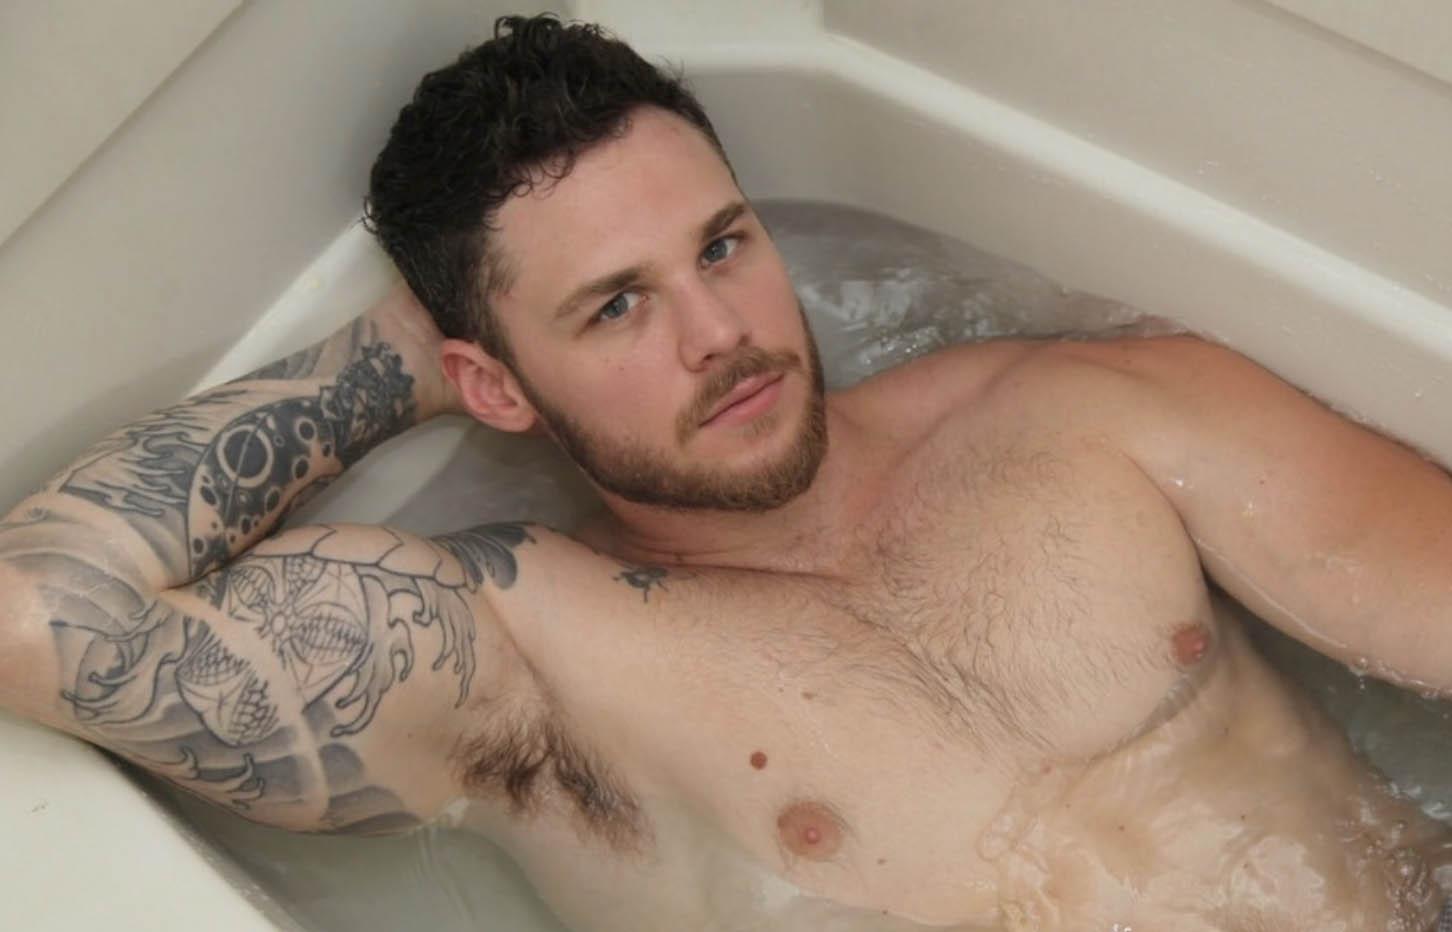 erezione nella vasca da bagno con gli amici